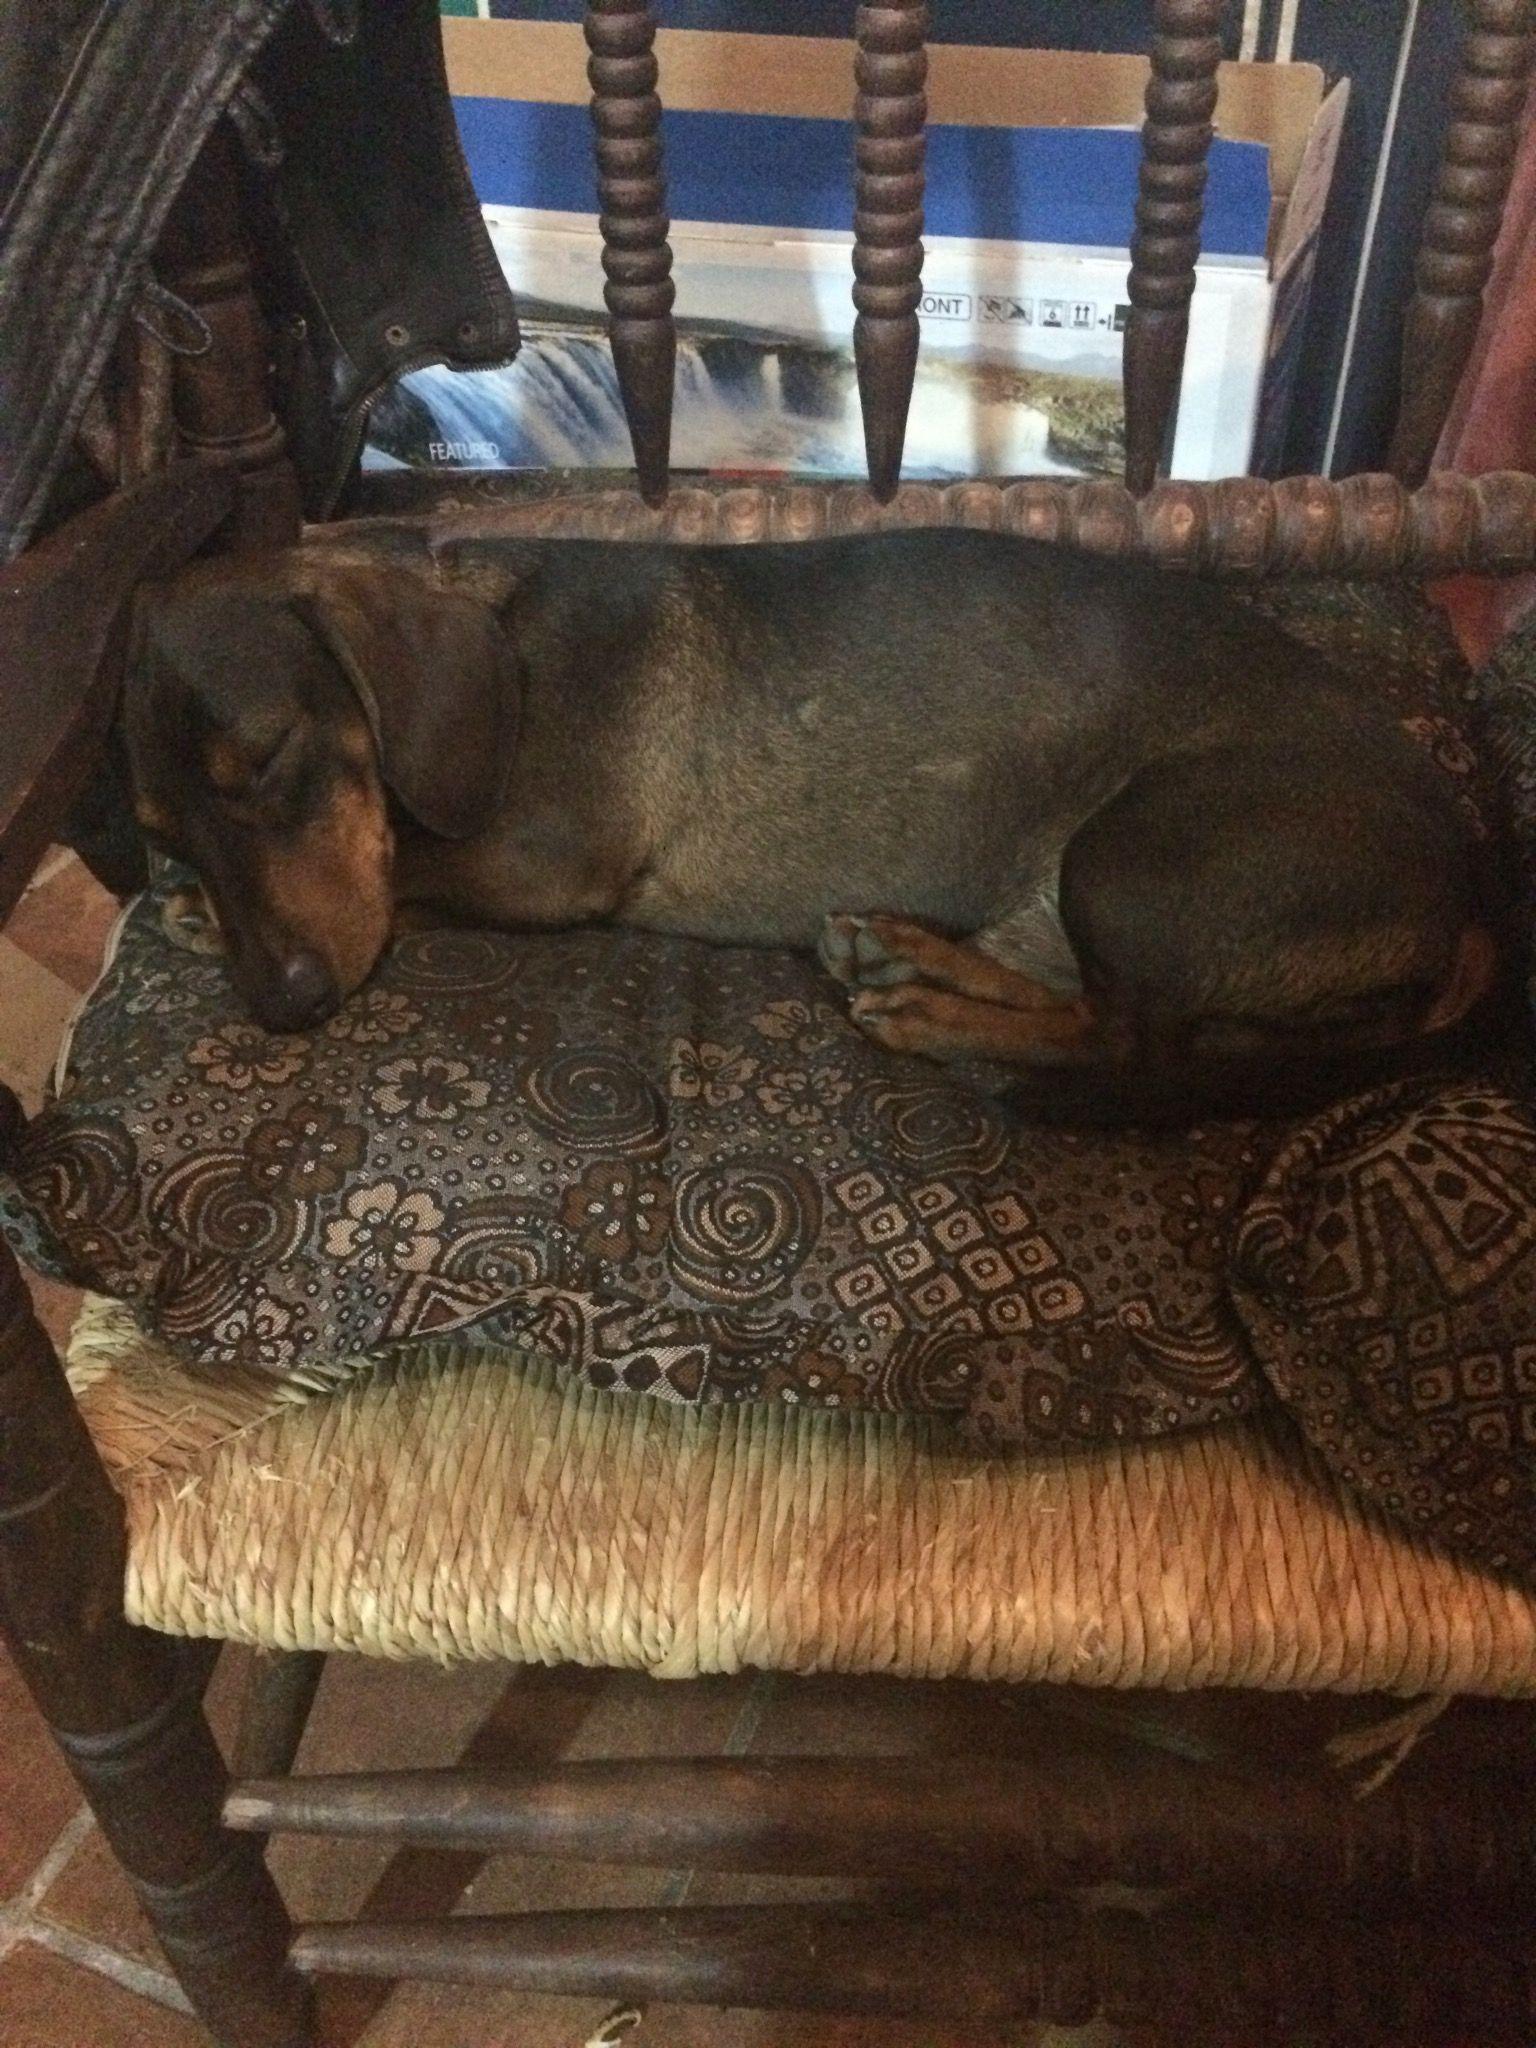 #Teo #teckel #dachshund